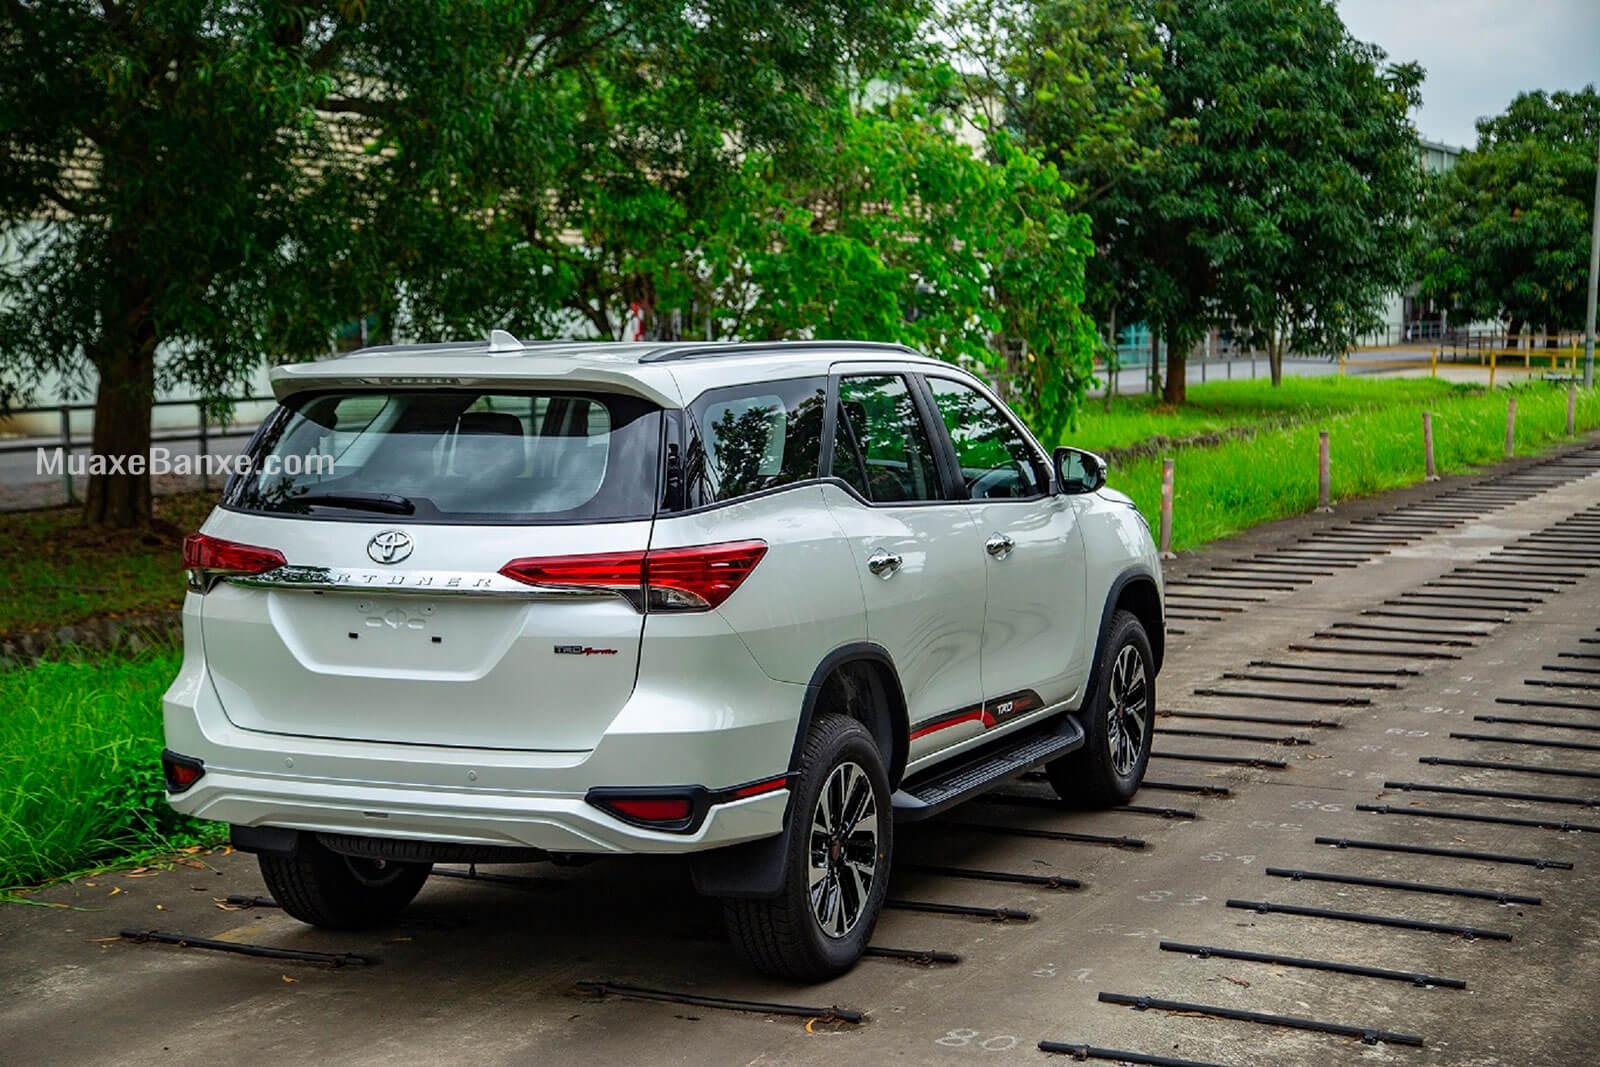 duoi xe toyota fortuner trd sportivo 2020 27l 42 may xang toyota tan cang - Đánh giá xe Toyota Fortuner 2021, SUV bán chạy nhất Việt Nam